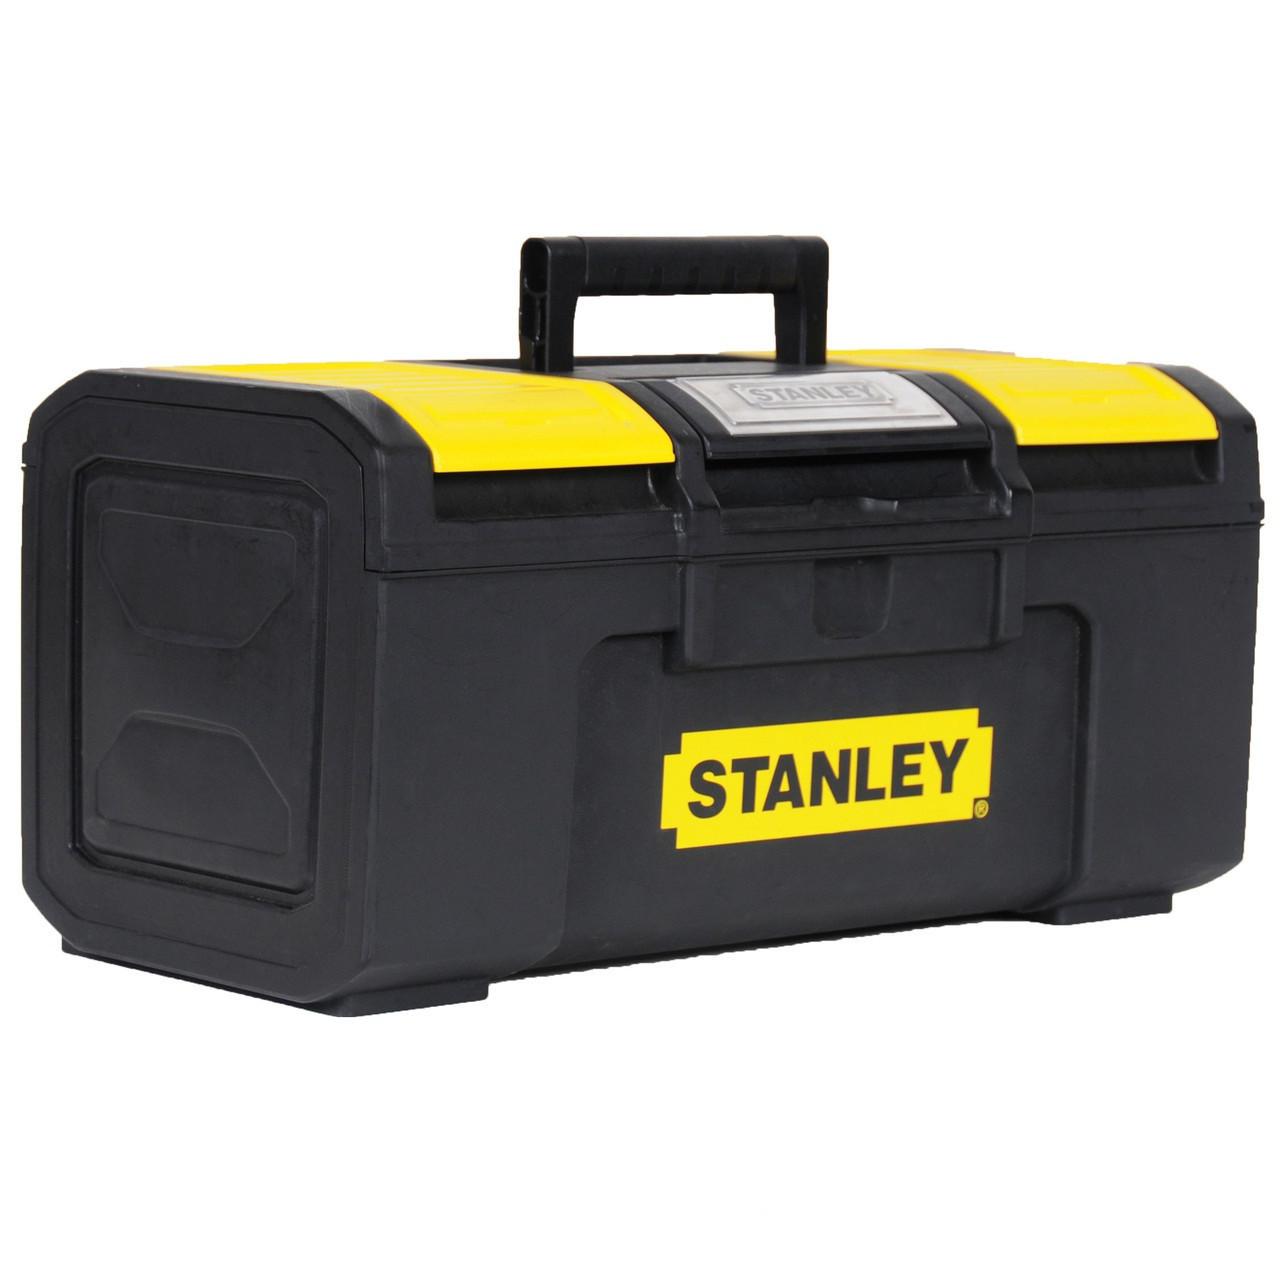 """Ящик для инструмента Stanley Basic Toolbox 16"""" (1-79-216) - ООО """"Аксис-Буд"""" в Харькове"""